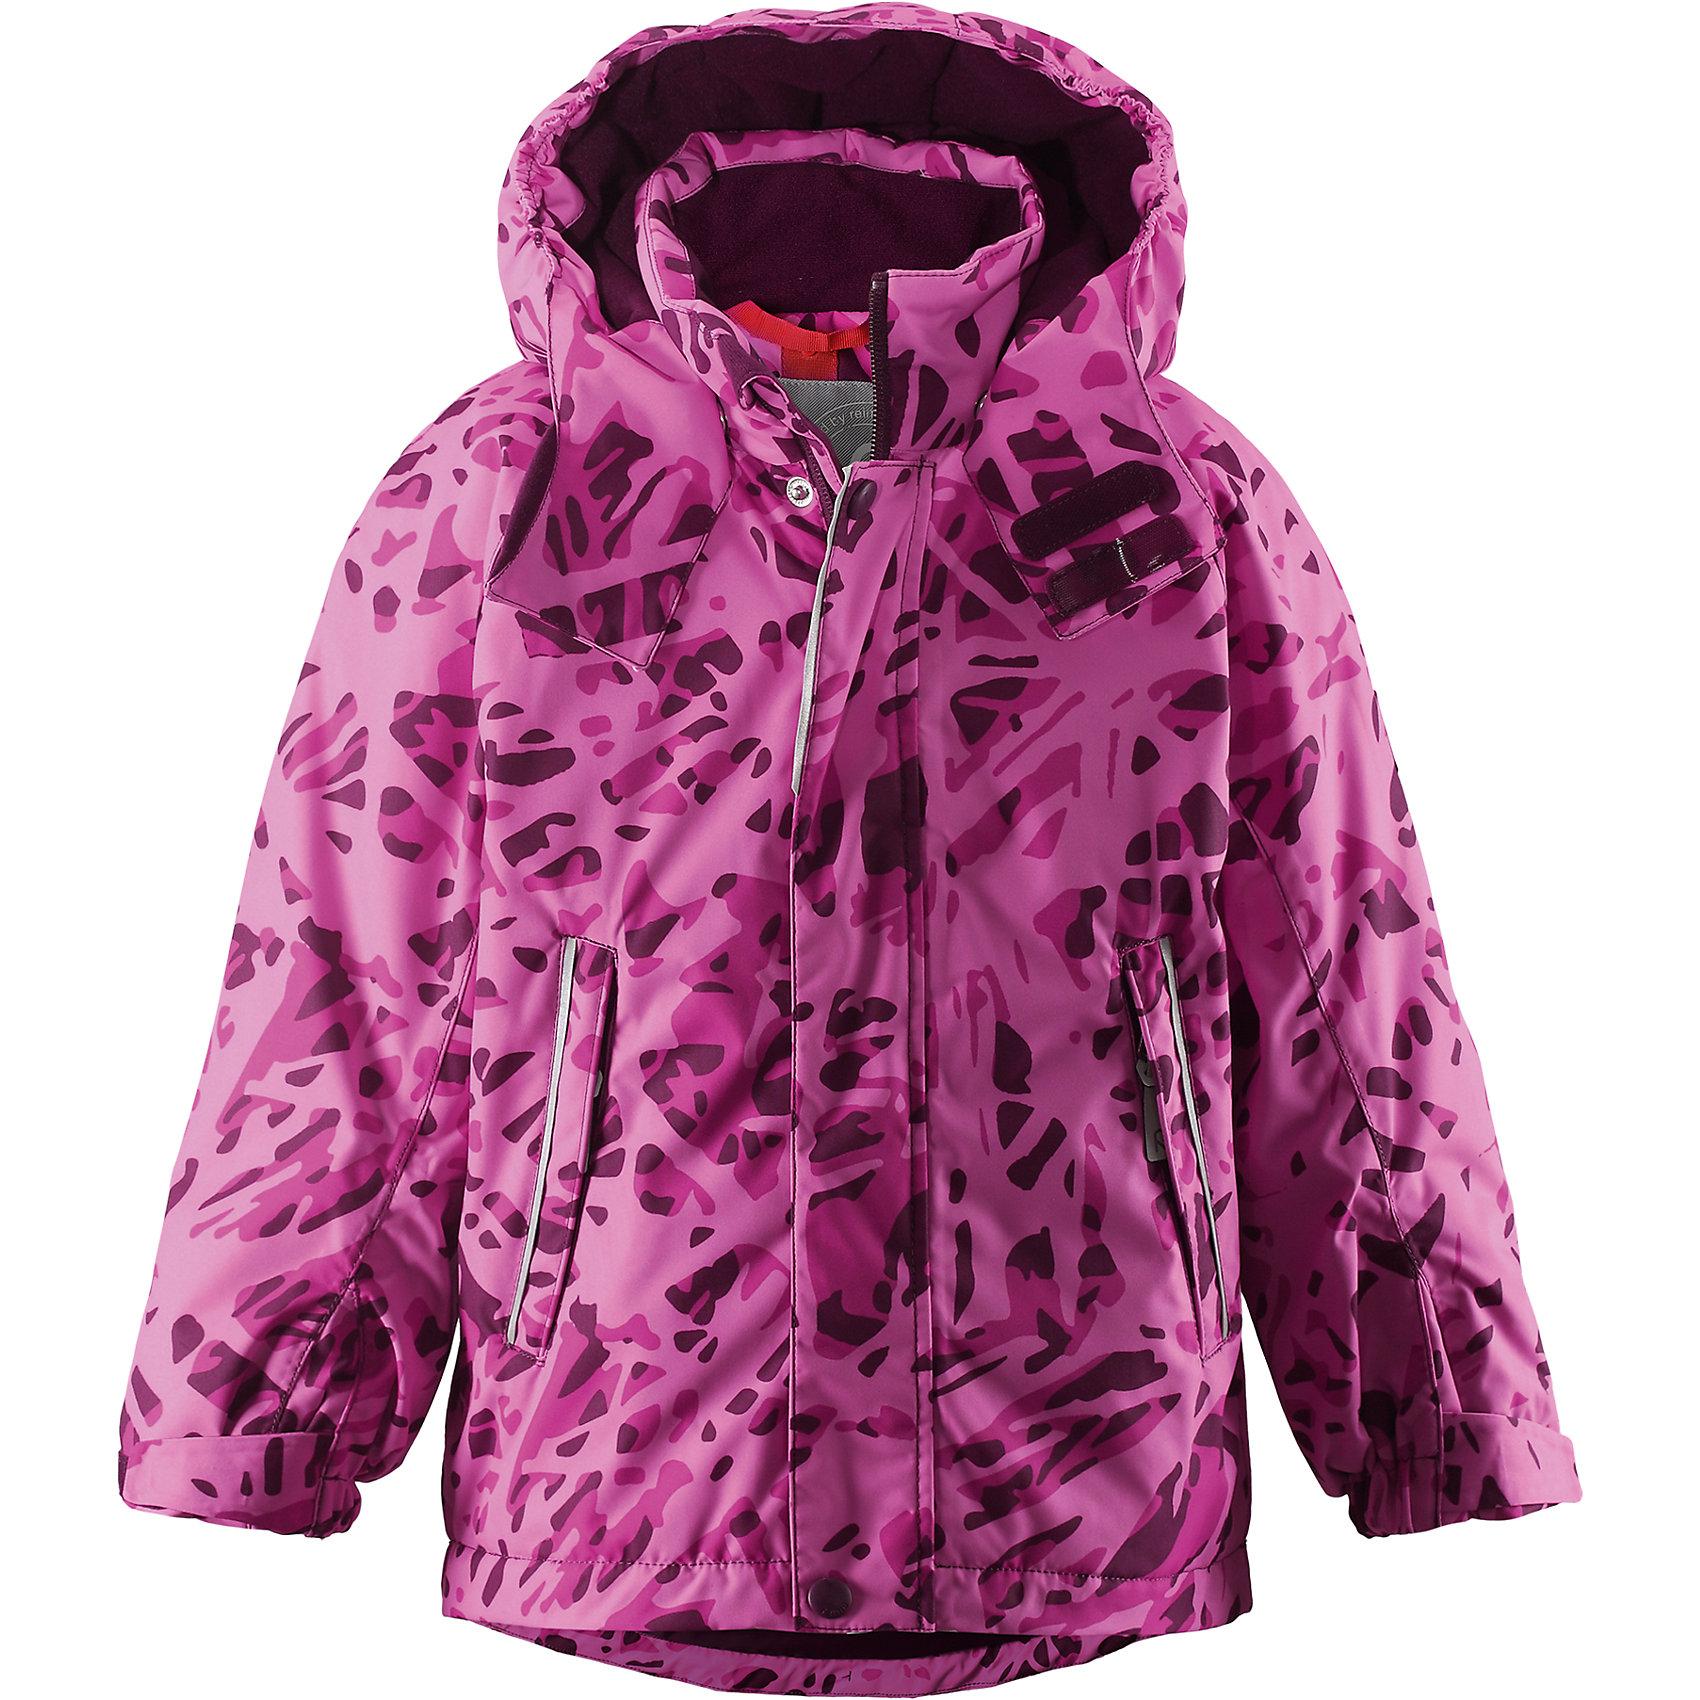 Куртка Cup для девочки Reimatec® ReimaОдежда<br>Куртка для мальчика Reimatec® Reima<br>Зимняя куртка для детей. Все швы проклеены и водонепроницаемы. Водо- и ветронепроницаемый, «дышащий» и грязеотталкивающий материал. Гладкая подкладка из полиэстра. Безопасный, отстегивающийся и регулируемый капюшон. Регулируемый манжет на липучке. Регулируемый подол. Внутренний нагрудный карман. Два кармана на молнии. Принт по всей поверхности. Безопасные светоотражающие детали.<br>Утеплитель: Reima® Soft Loft insulation,160 g<br>Уход:<br>Стирать по отдельности, вывернув наизнанку. Застегнуть молнии и липучки. Стирать моющим средством, не содержащим отбеливающие вещества. Полоскать без специального средства. Во избежание изменения цвета изделие необходимо вынуть из стиральной машинки незамедлительно после окончания программы стирки. Можно сушить в сушильном шкафу или центрифуге (макс. 40° C).<br>Состав:<br>100% Полиамид, полиуретановое покрытие<br><br>Ширина мм: 356<br>Глубина мм: 10<br>Высота мм: 245<br>Вес г: 519<br>Цвет: фиолетовый<br>Возраст от месяцев: 48<br>Возраст до месяцев: 60<br>Пол: Женский<br>Возраст: Детский<br>Размер: 110,140,104,128,134,98,116,122<br>SKU: 4776462